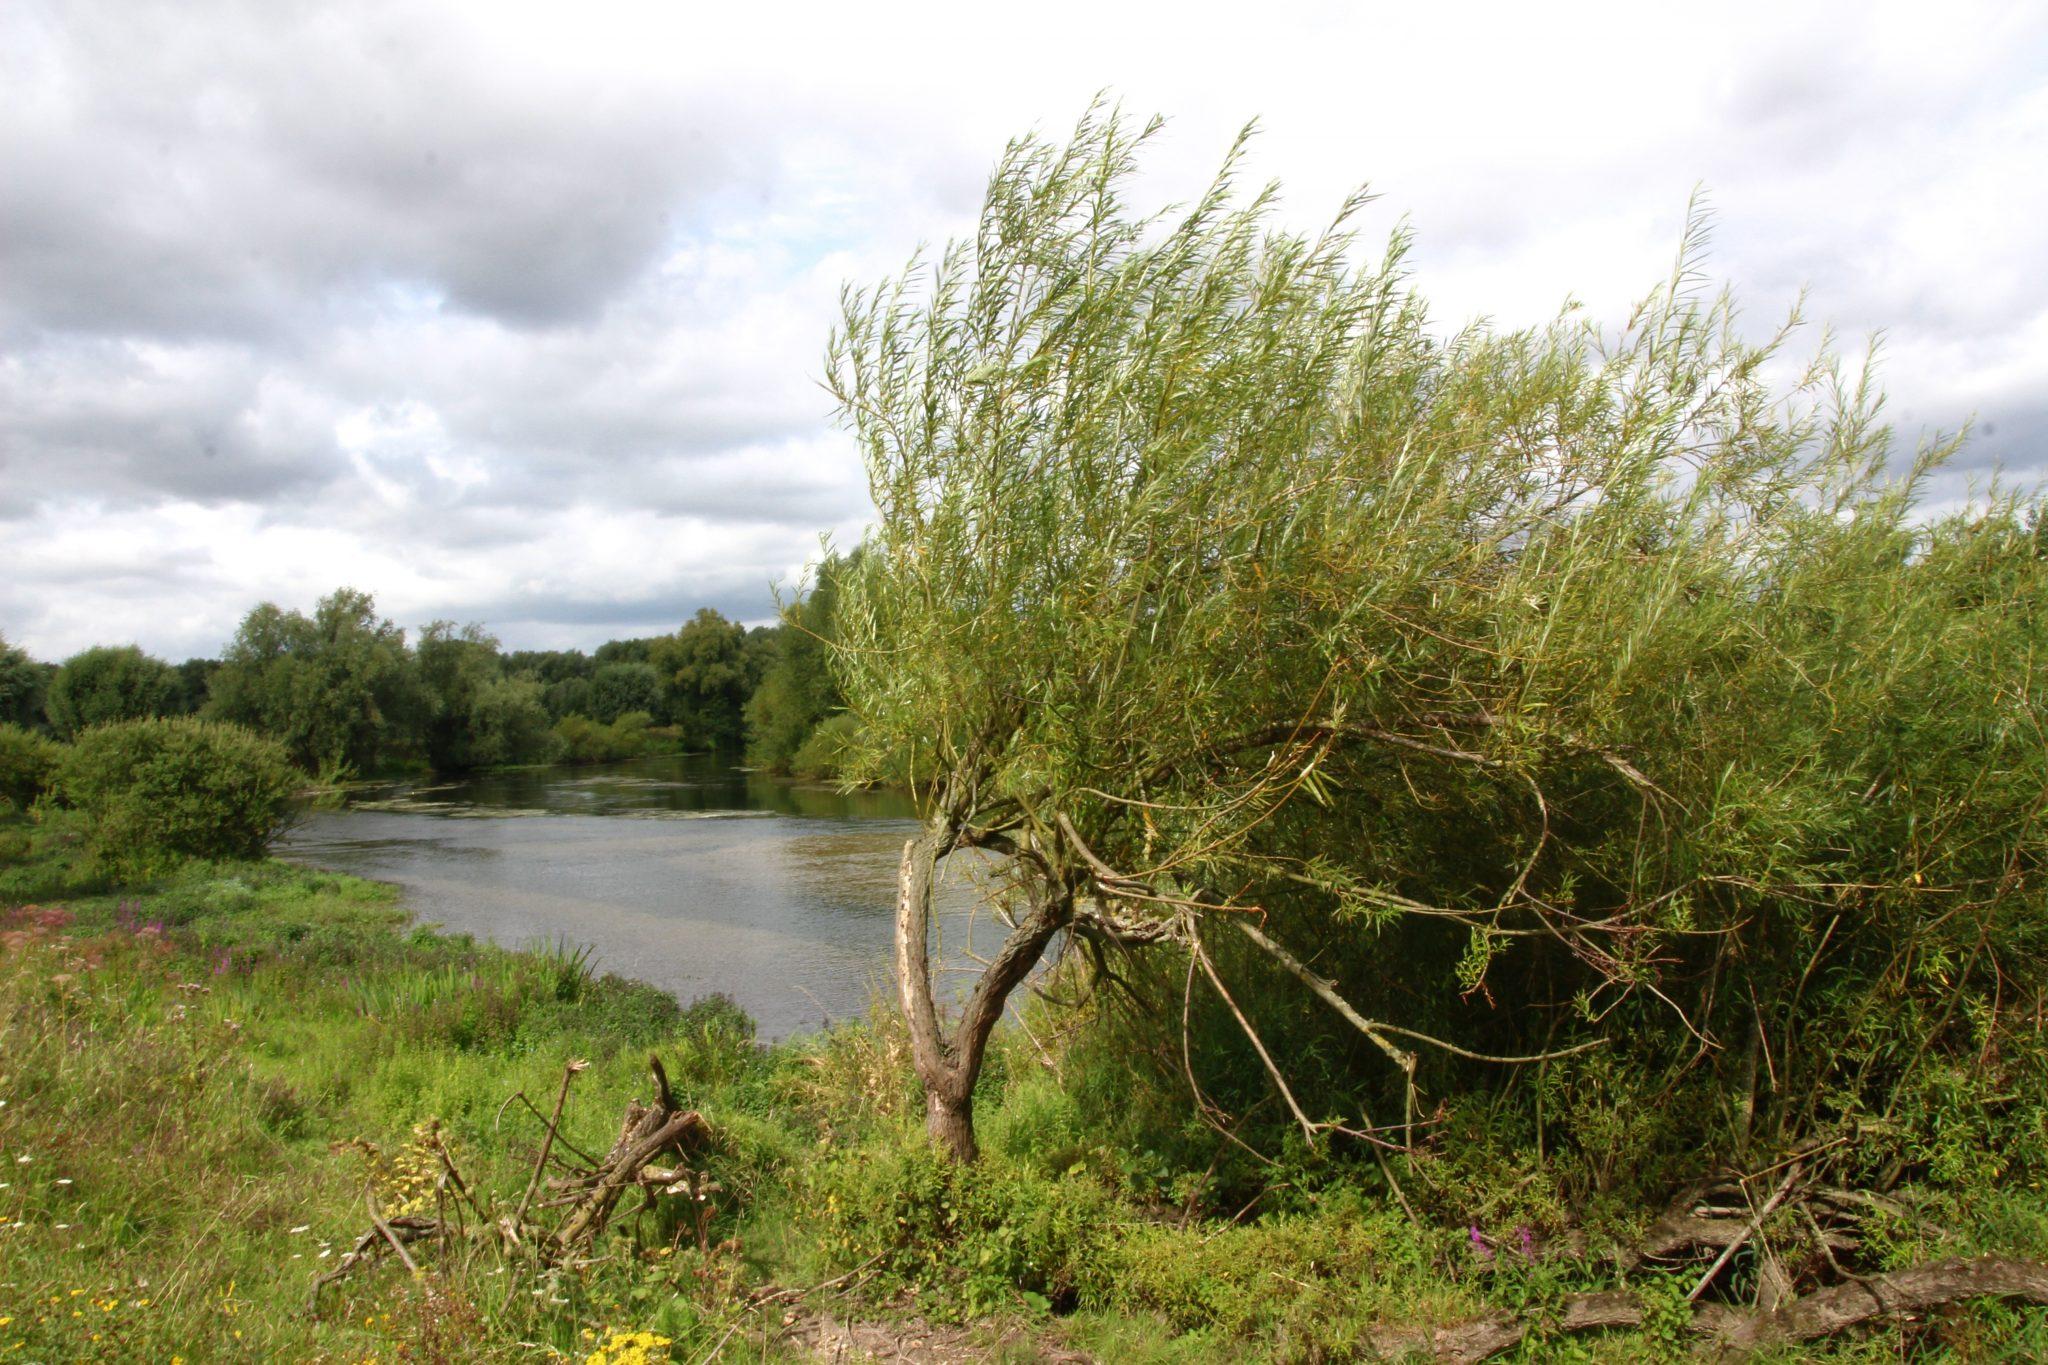 Wilde und unberührte Natur in Westfalen - Heide und Flussauen